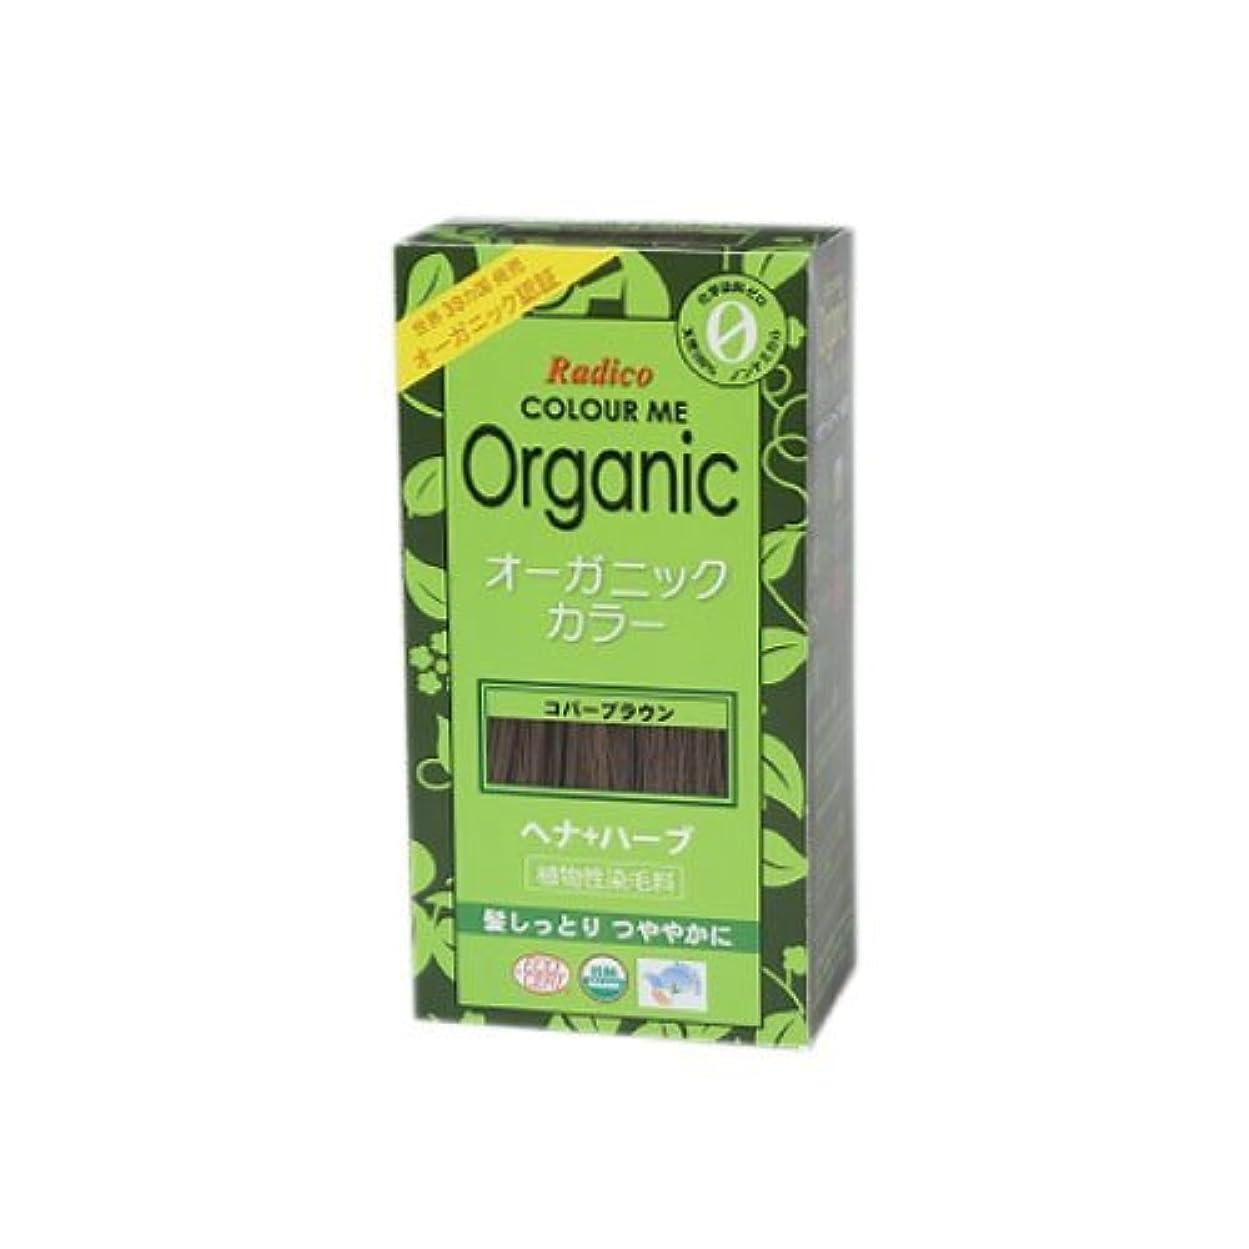 ラウンジエール進化COLOURME Organic (カラーミーオーガニック ヘナ 白髪用) コパーブラウン 100g